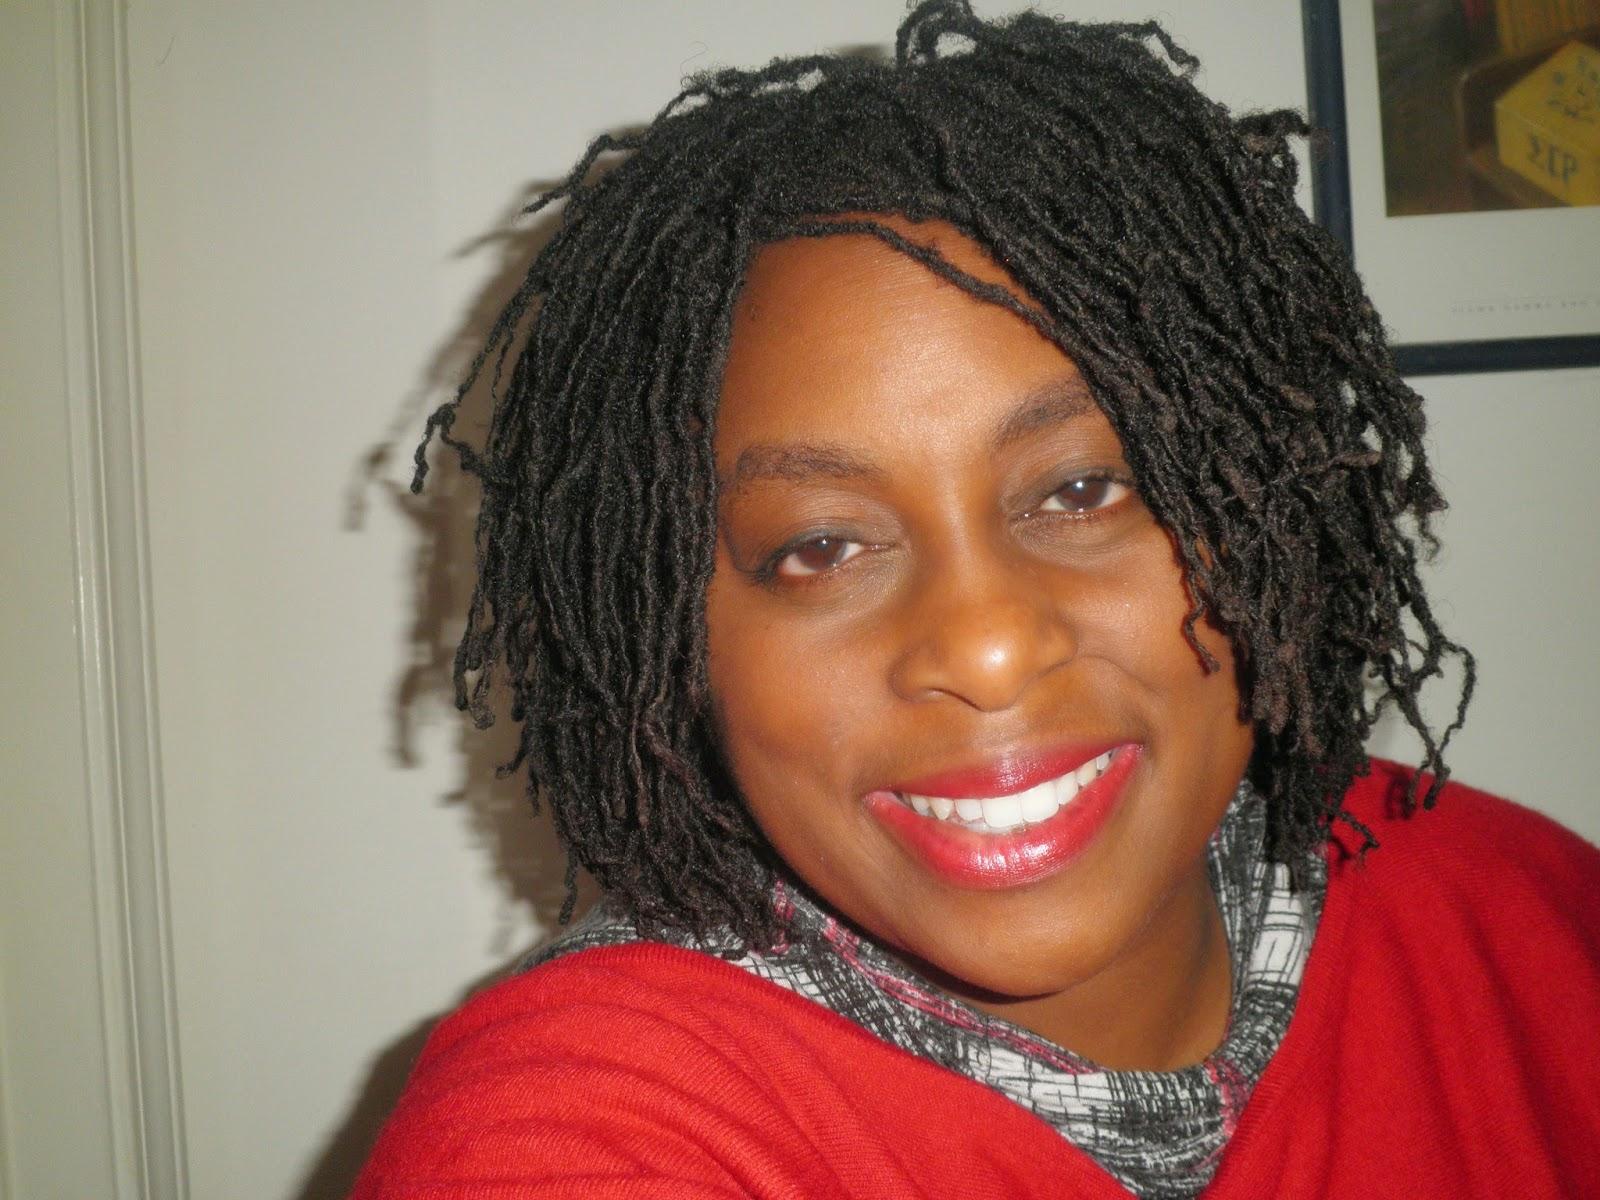 Cynthia Bailey Curly Bob Hairstyle \x3cb\x3ebailey hair cynthia bailey ...